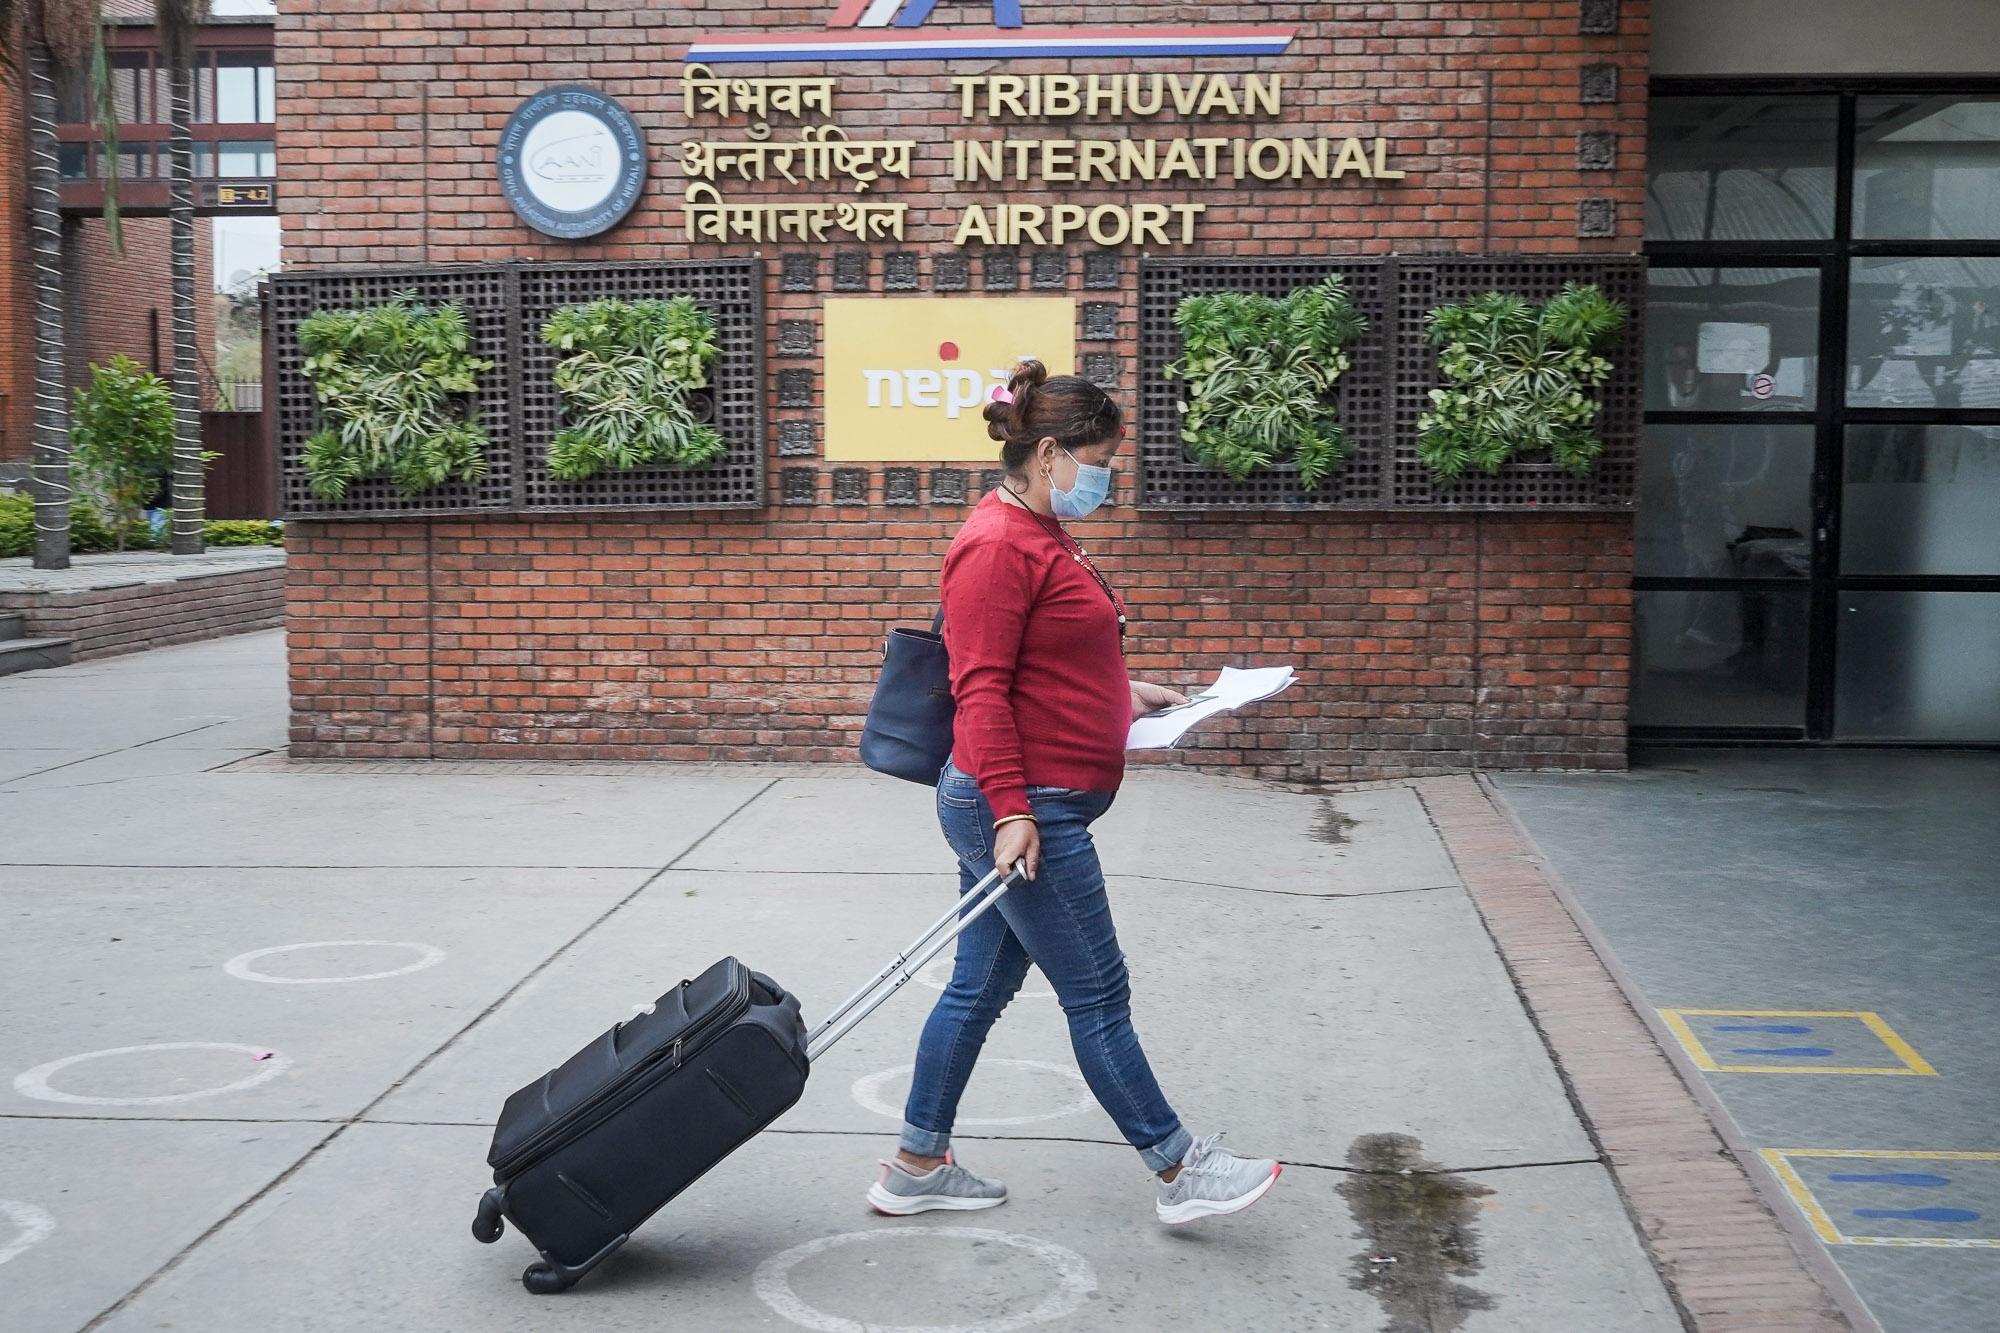 त्रिभुवन विमानस्थलमा नेपाल छाड्नेहरुको भीड